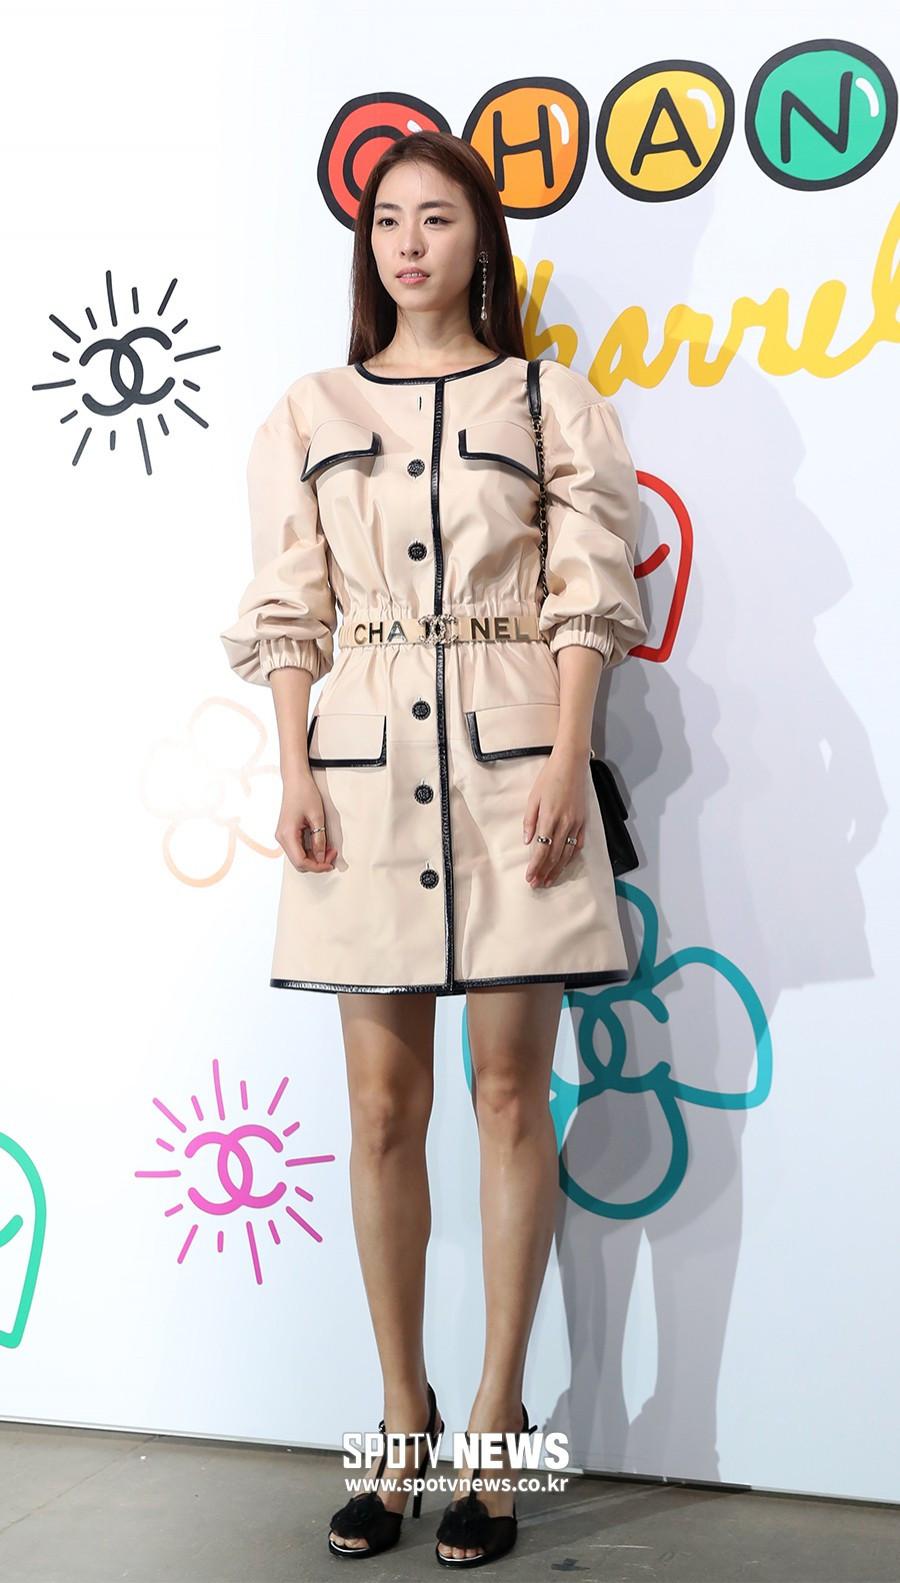 Sự kiện siêu sang chảnh gây tranh cãi: Yoona và Park Seo Joon xuất sắc, Jennie hóa thảm họa bên dàn siêu sao quốc tế